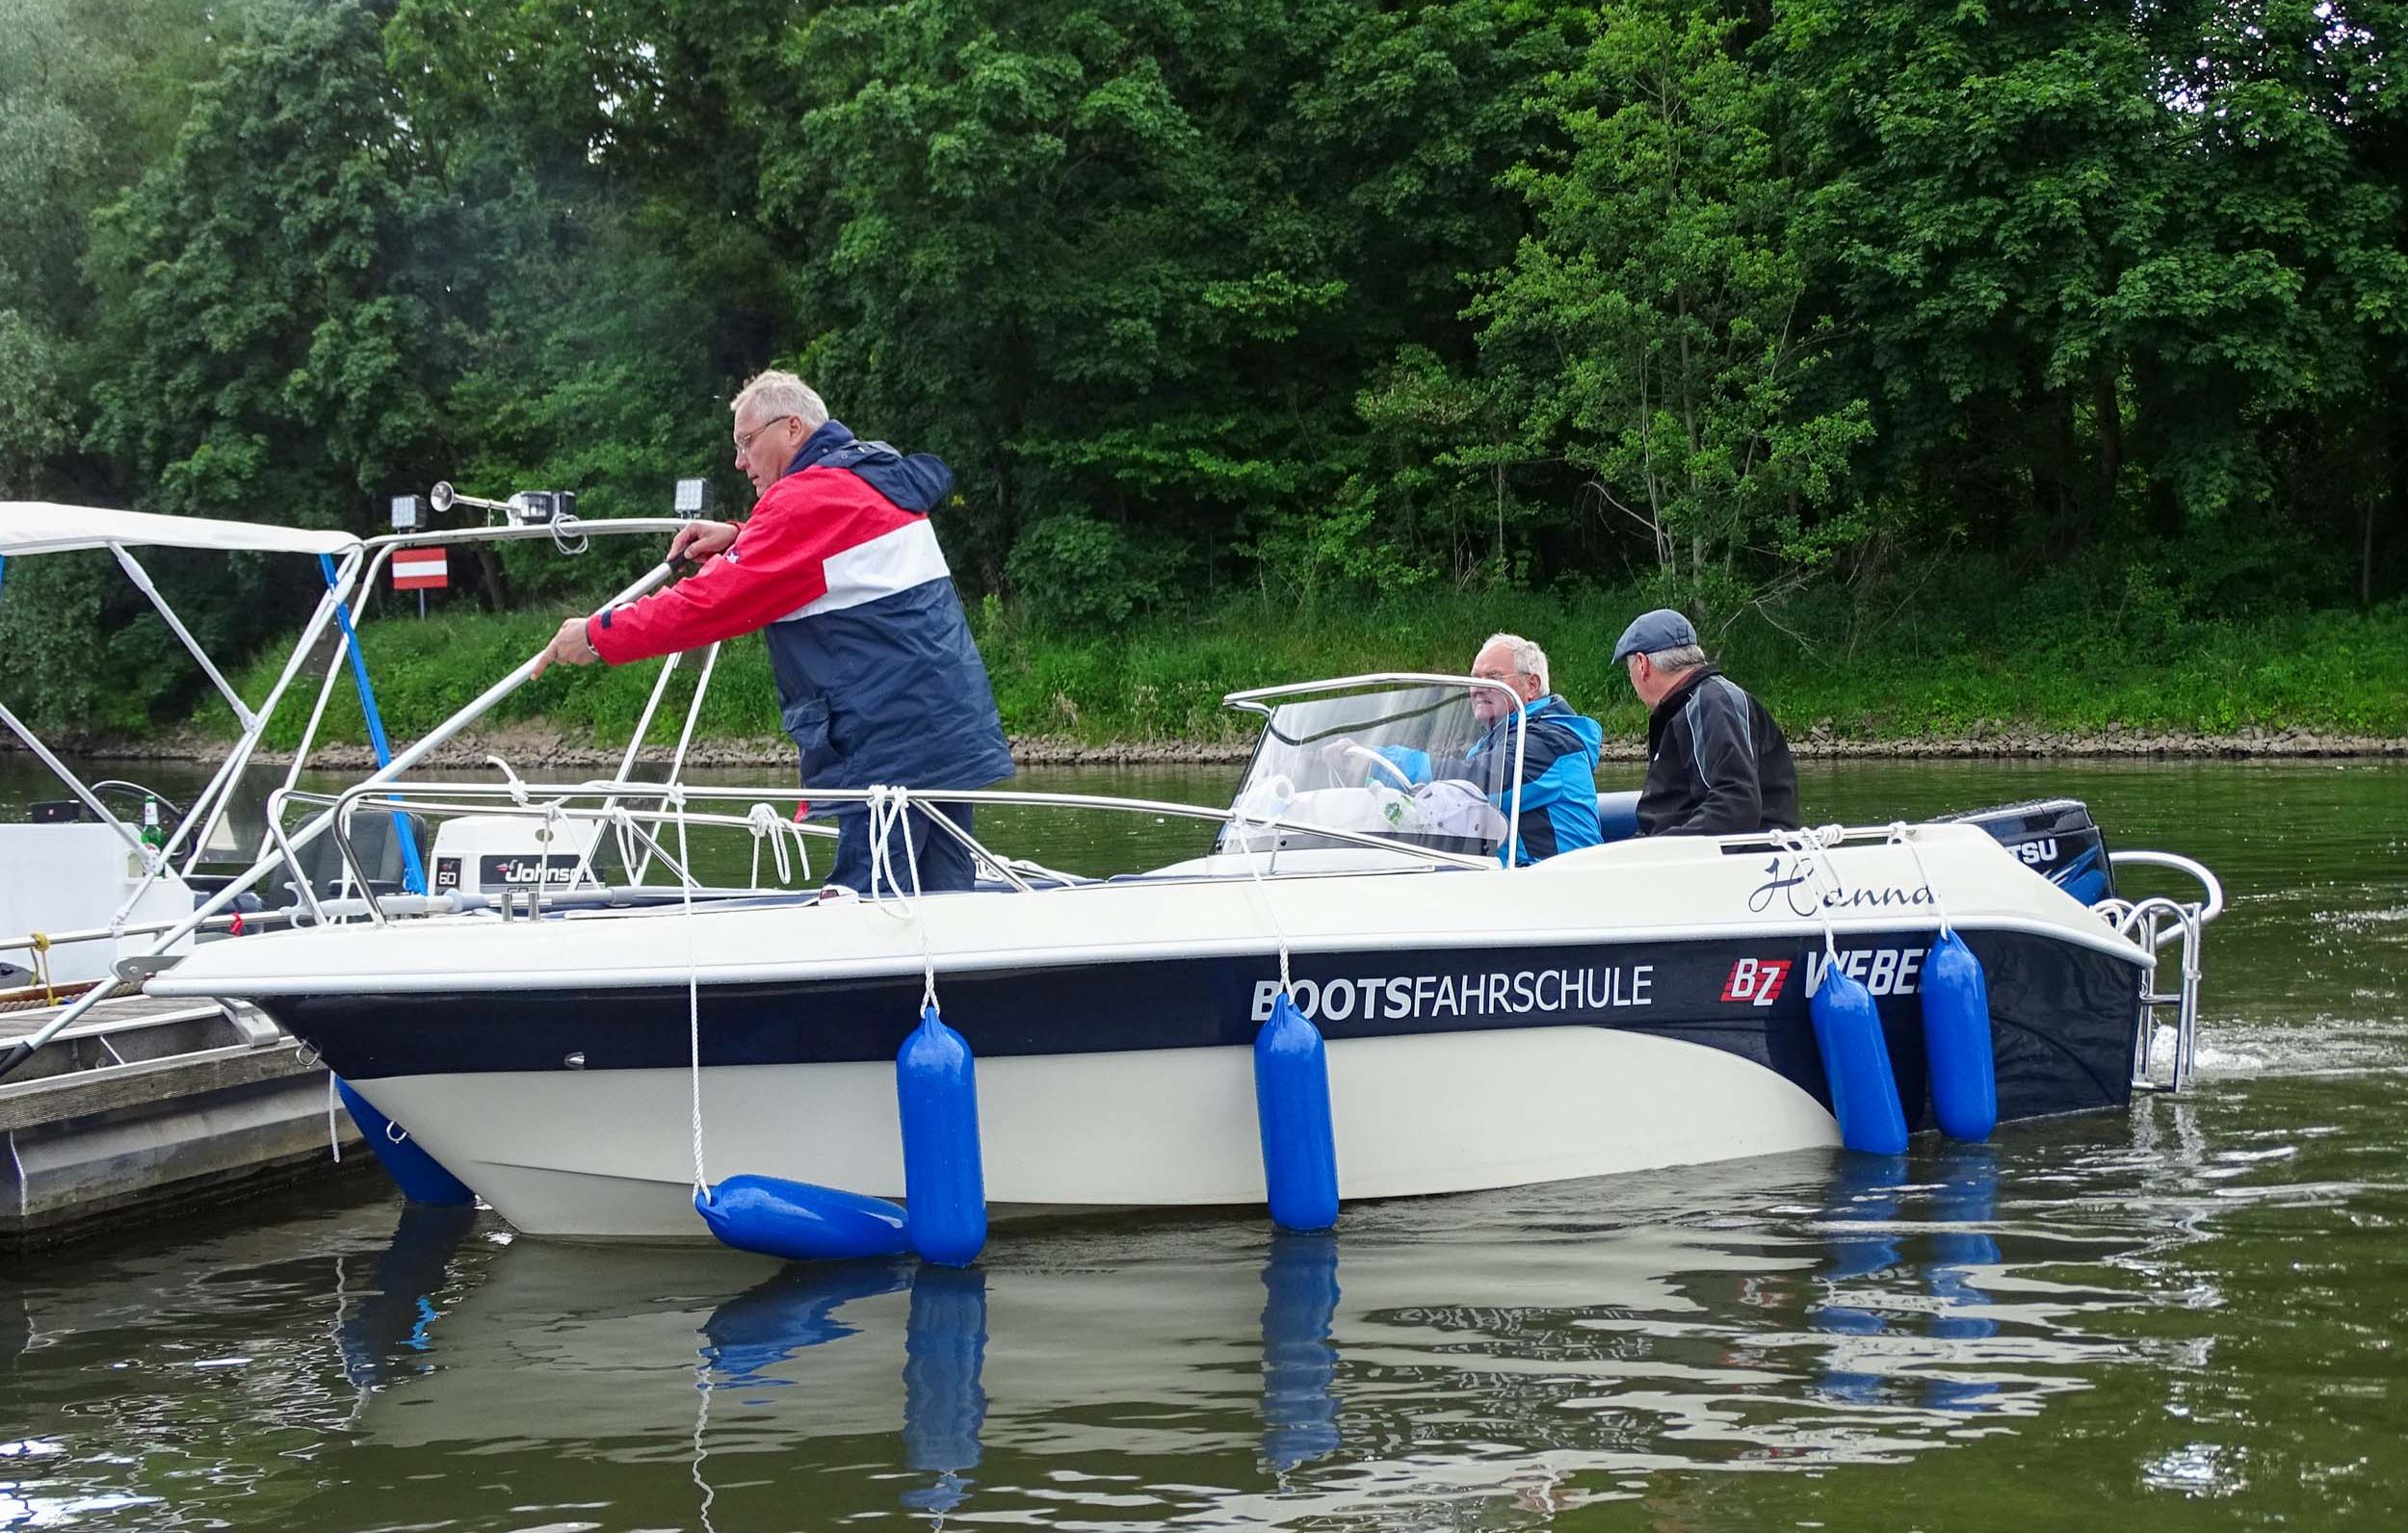 motorboot-fahren-brandenburg-an-der-havel-bg11606139331